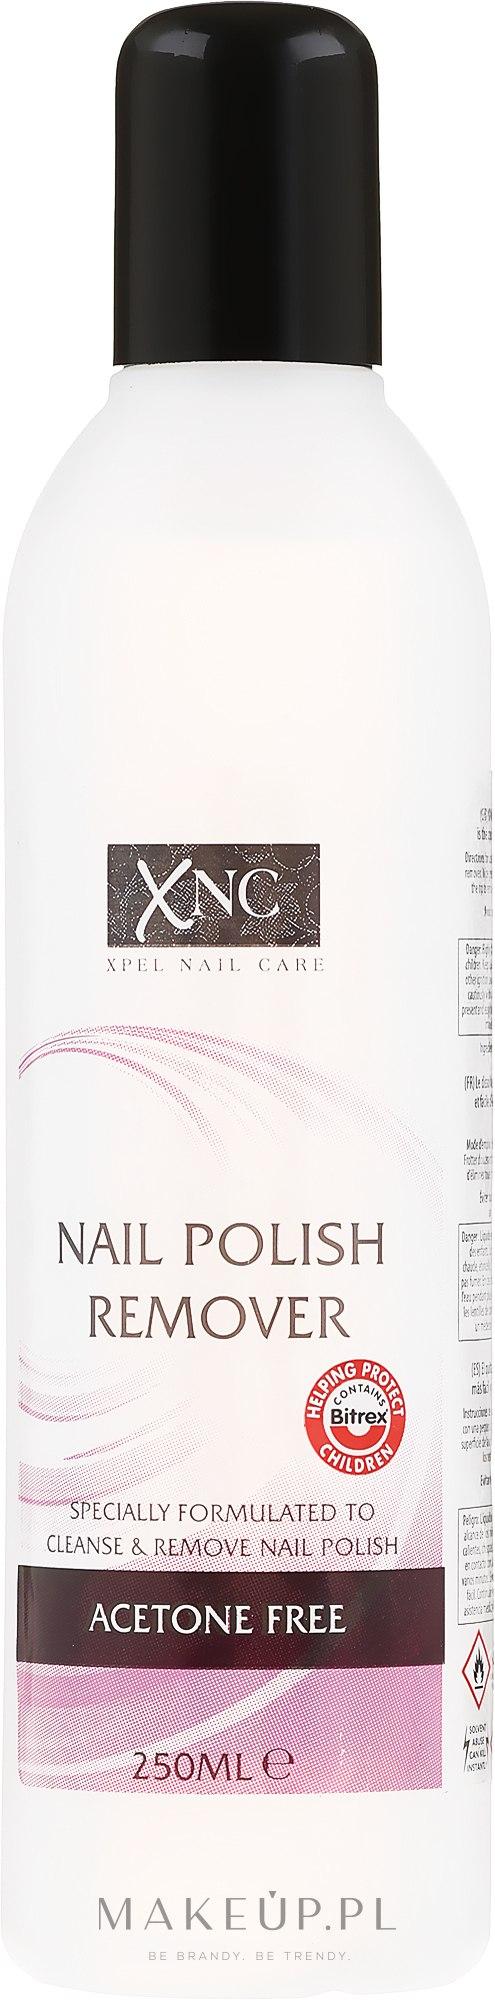 Bezacetonowy zmywacz do paznokci - Xpel Marketing Ltd Xnc Nail Polish Remover Acetone Free — фото 250 ml